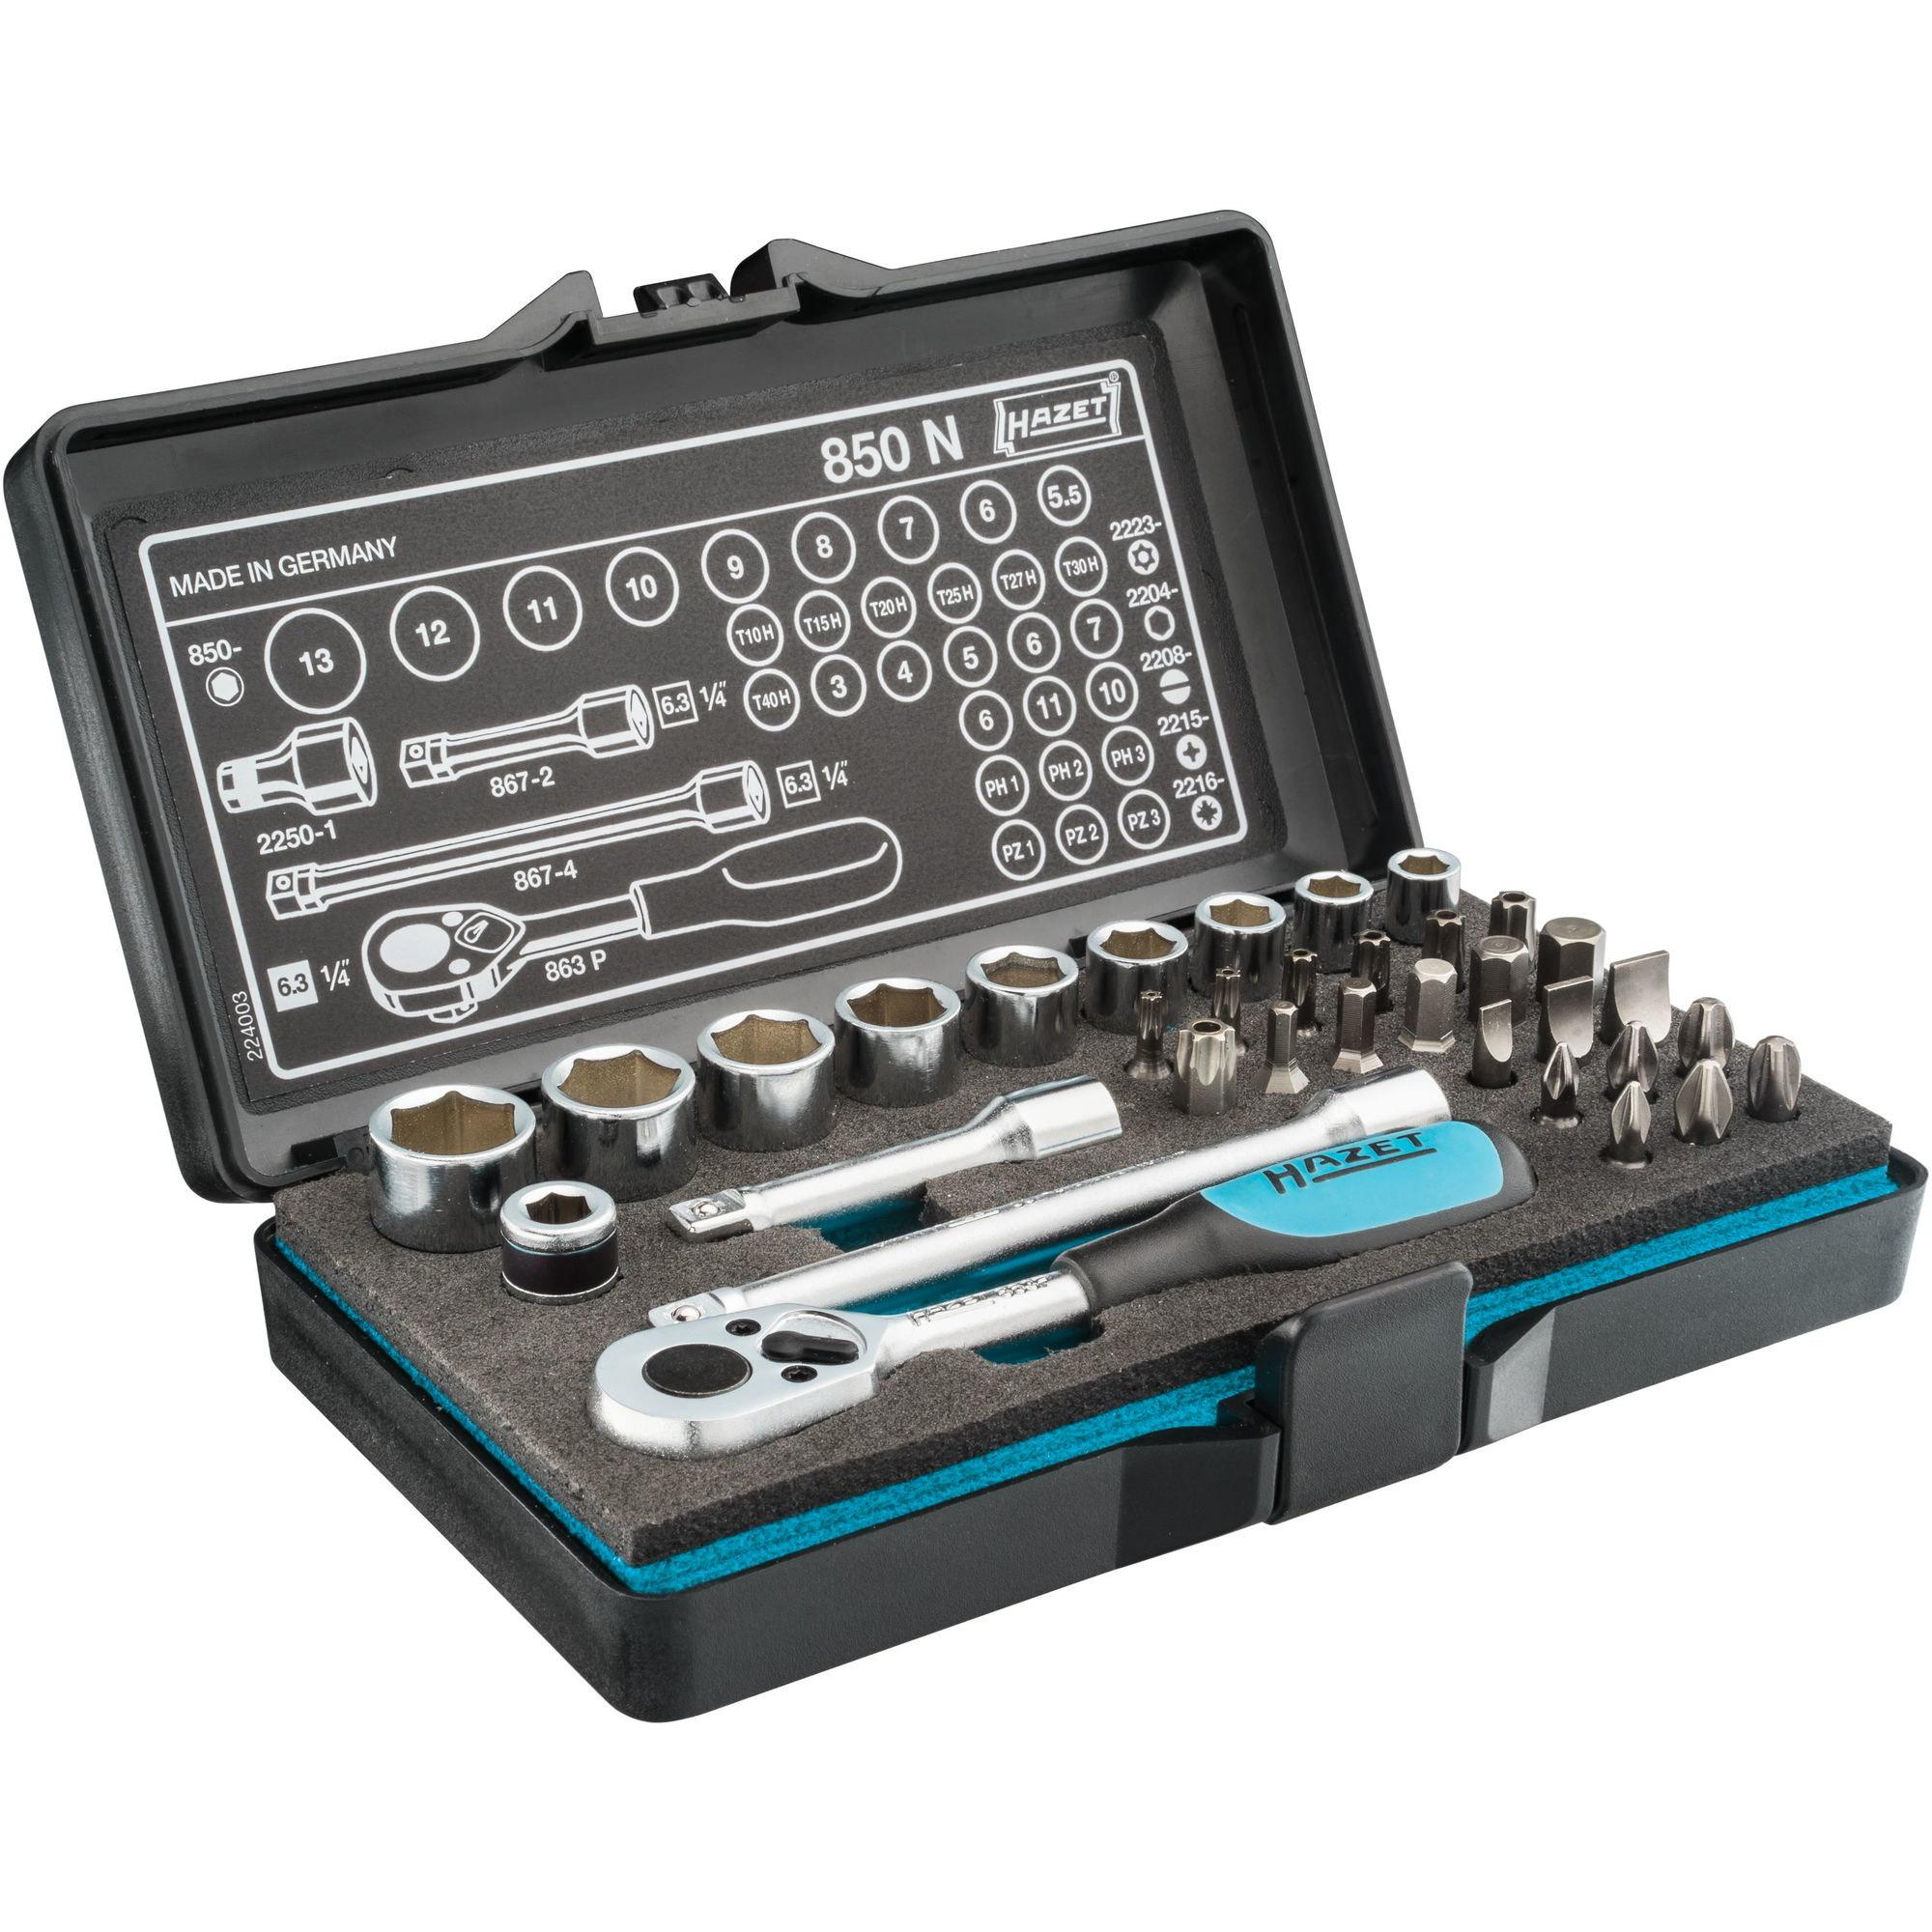 HAZET Profi-Steckschlüssel- und Bitsatz 1/4 Zoll 34-teilig